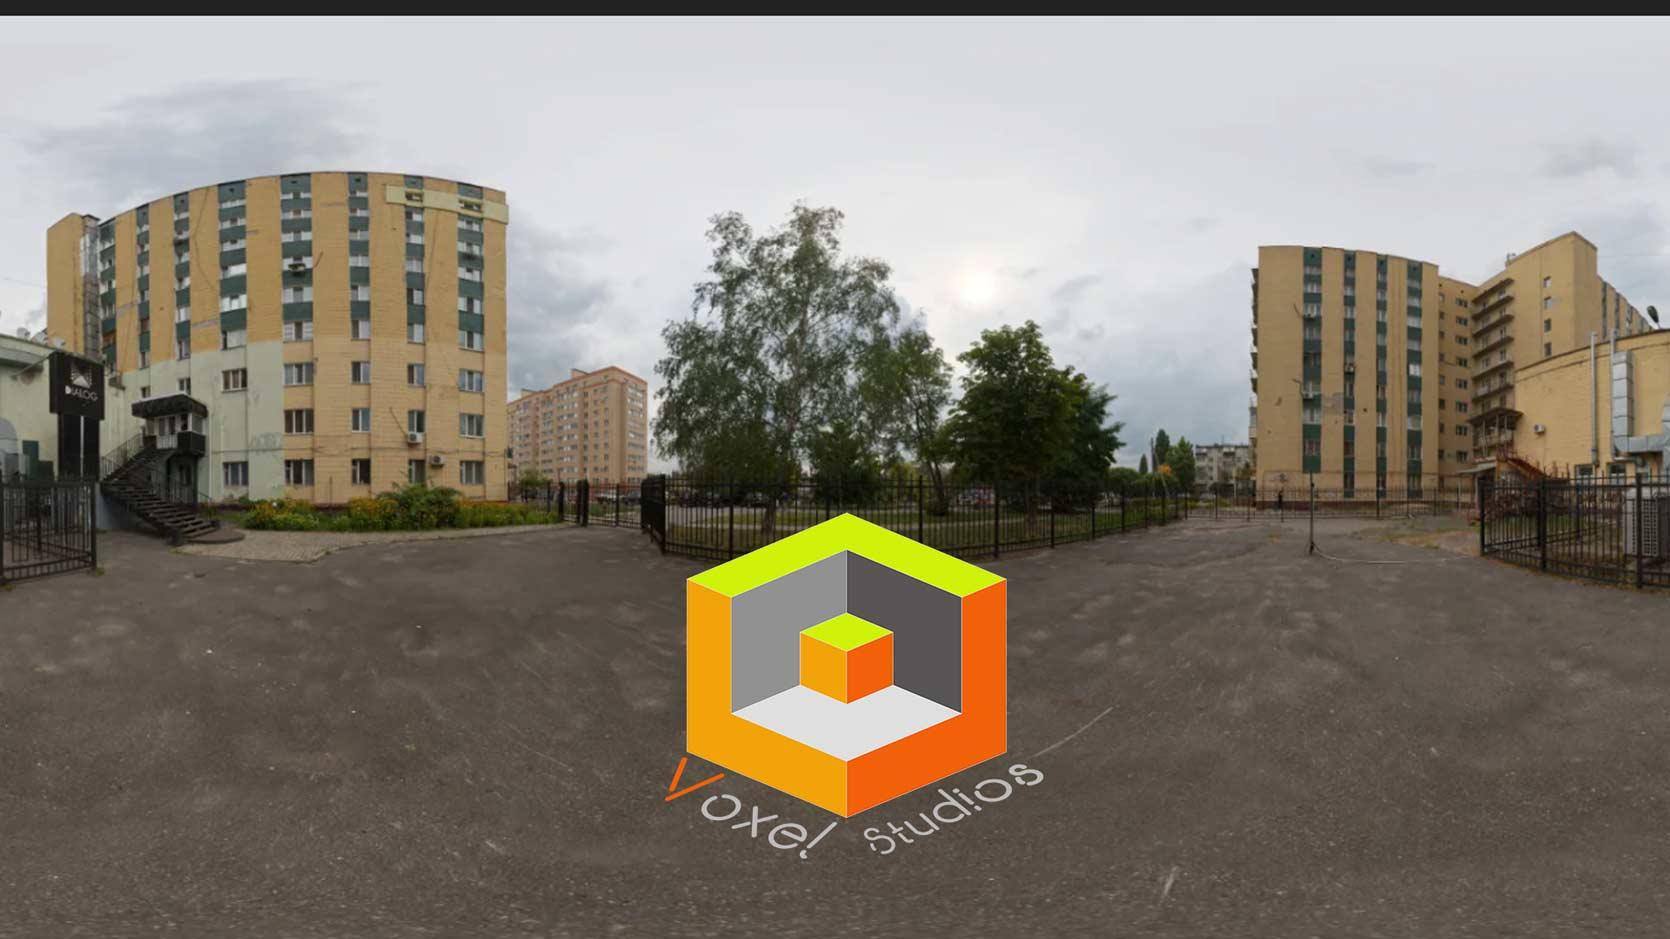 دانلود HDRI شهری